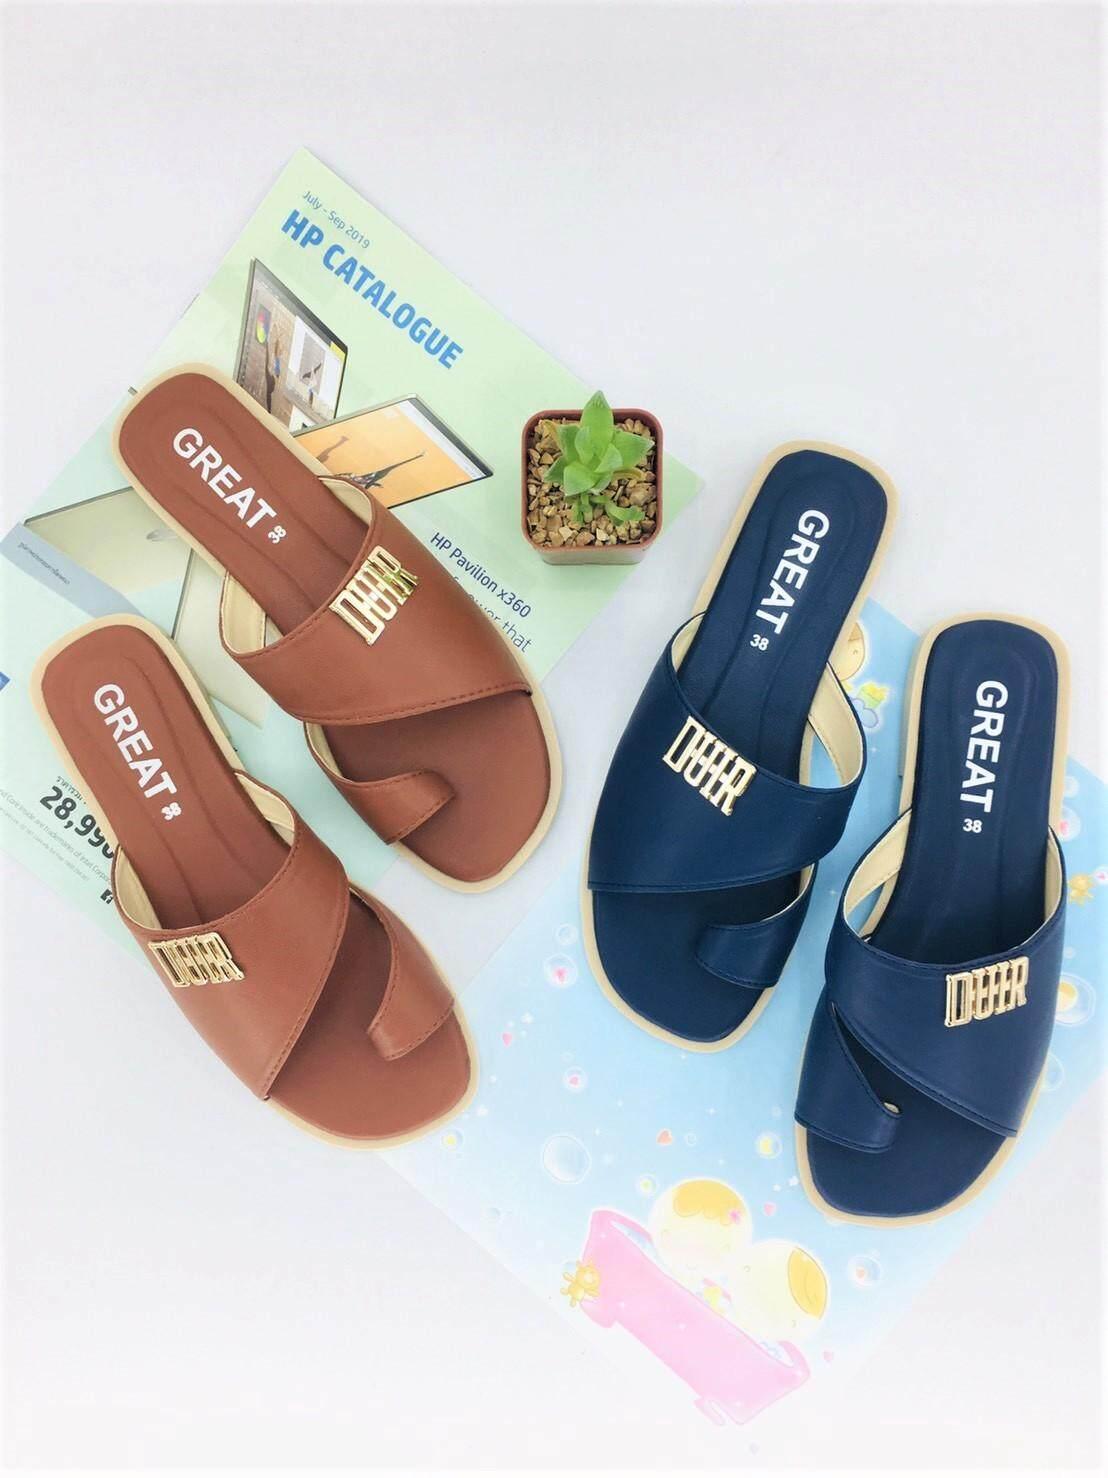 รองเท้าแตะลำลองแบบสวม รองเท้าแฟชั่น ดีไซน์ดูเรียบเก๋สวยงาม รองเท้าพื้นนิ่ม เป็นหนังPU นูบัคหนังนิ่ม สวมใส่สบาย คุณภาพคุ้มราคา มี 4 สี ให้เลือก